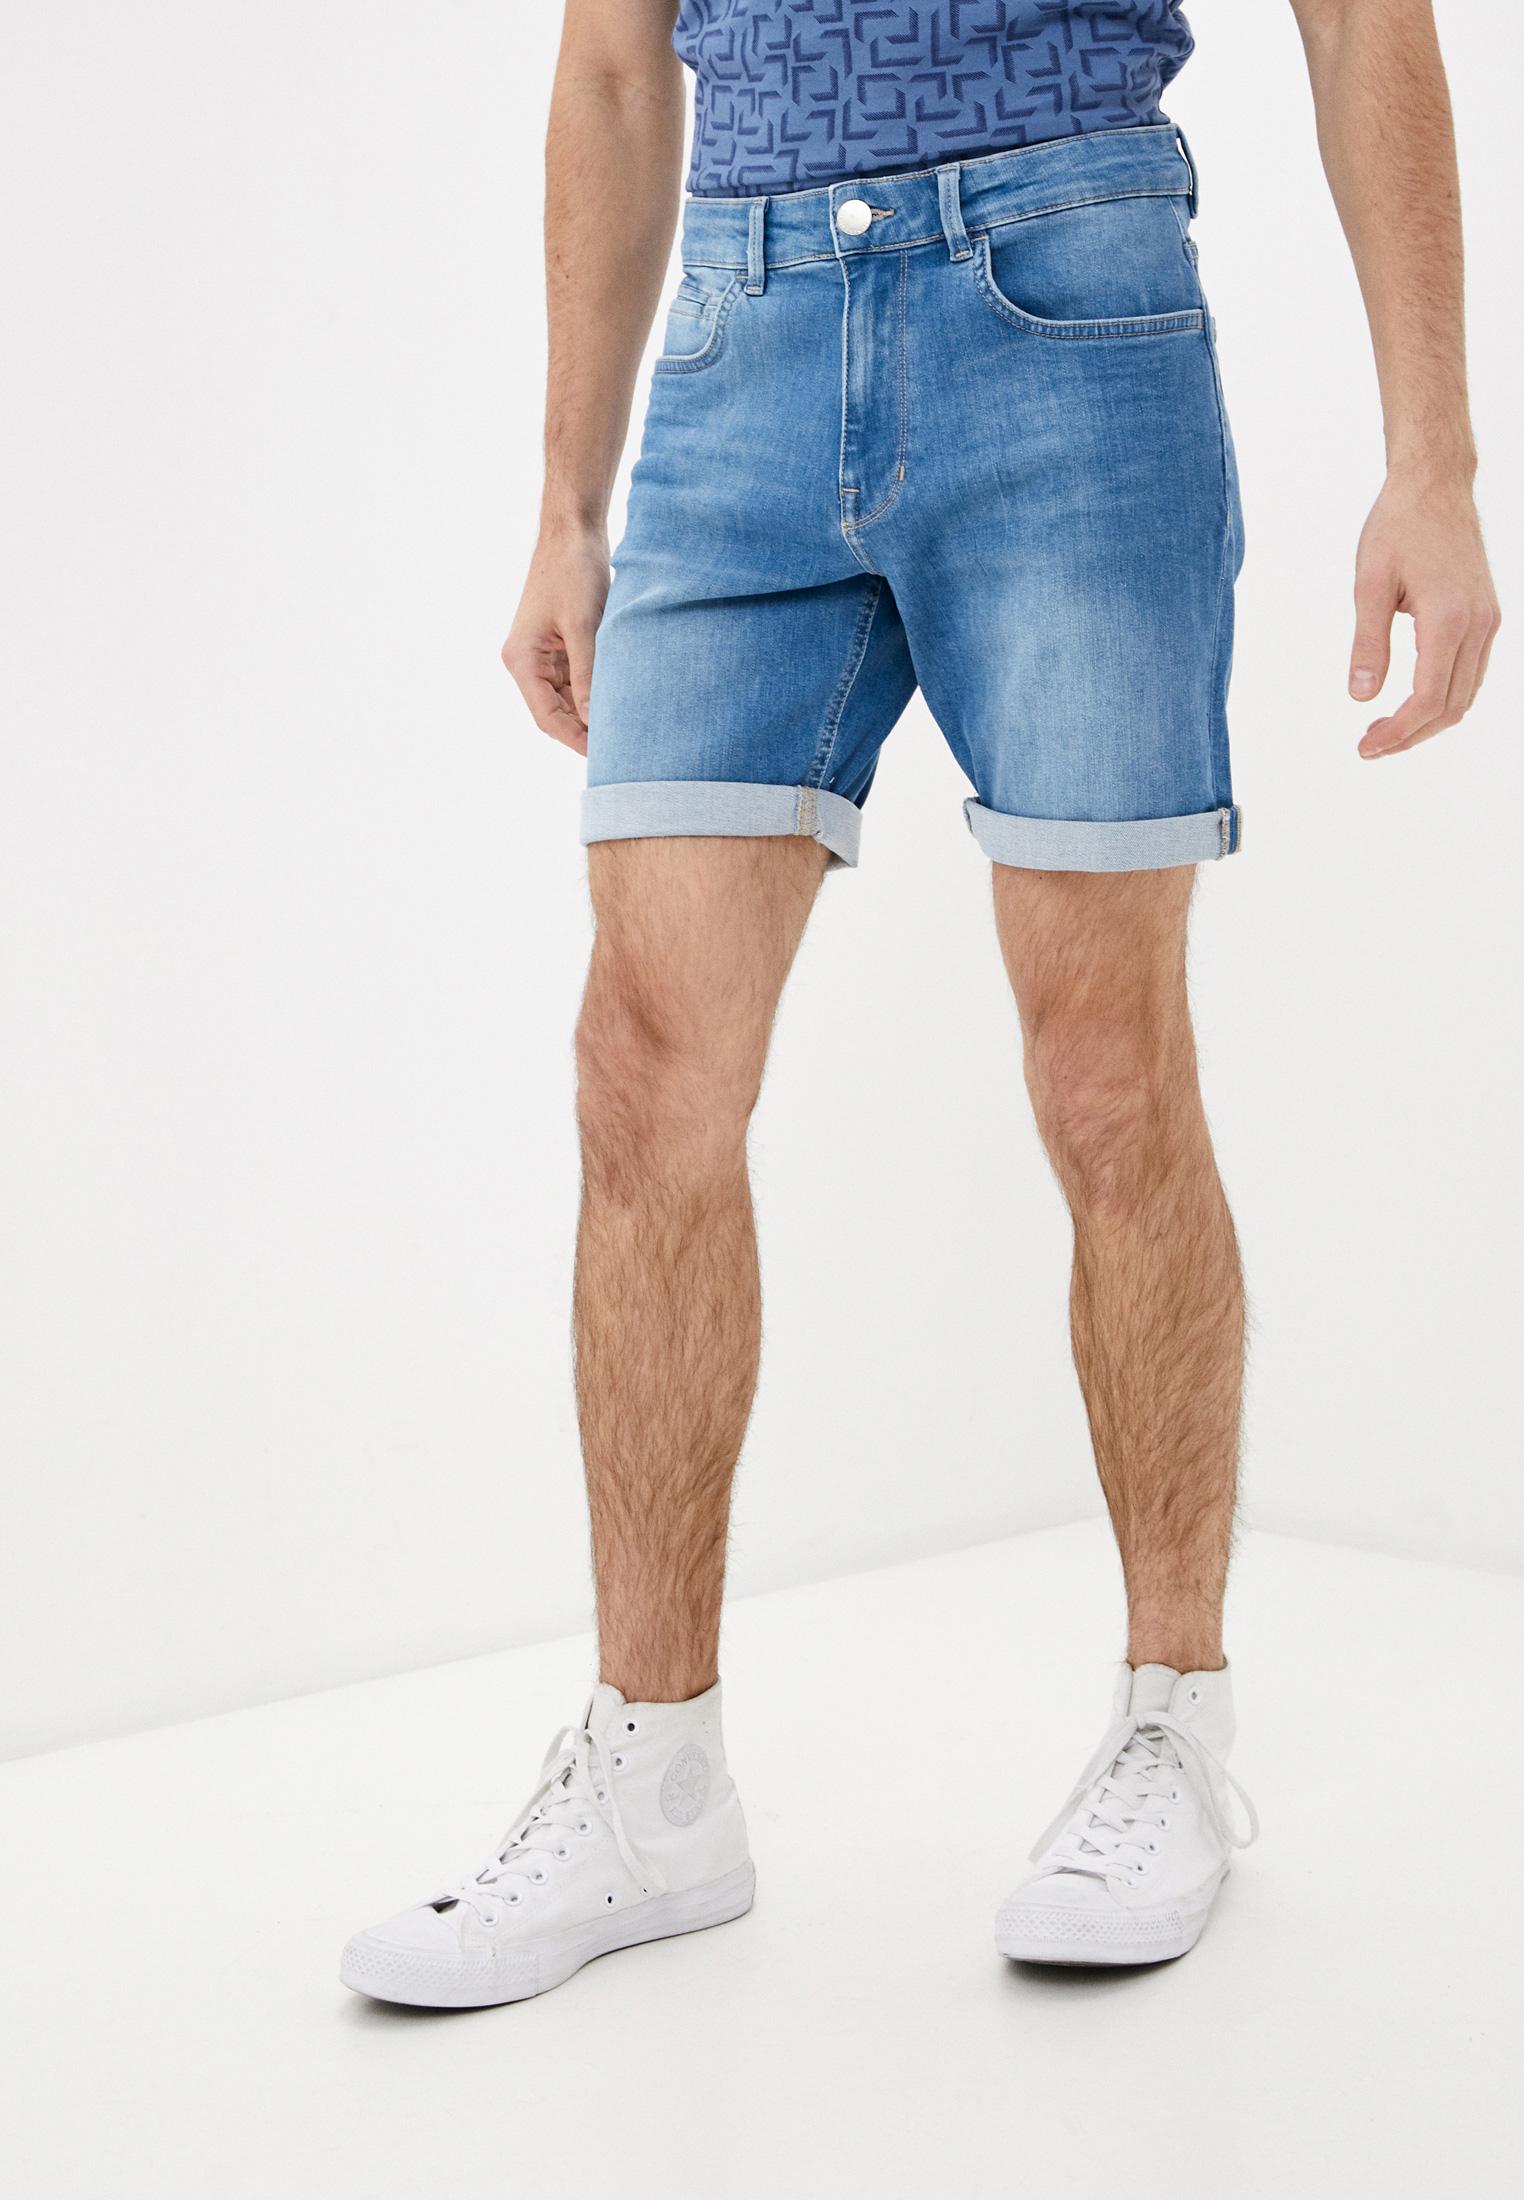 Мужские джинсовые шорты Casual Friday by Blend Шорты джинсовые Casual Friday by Blend